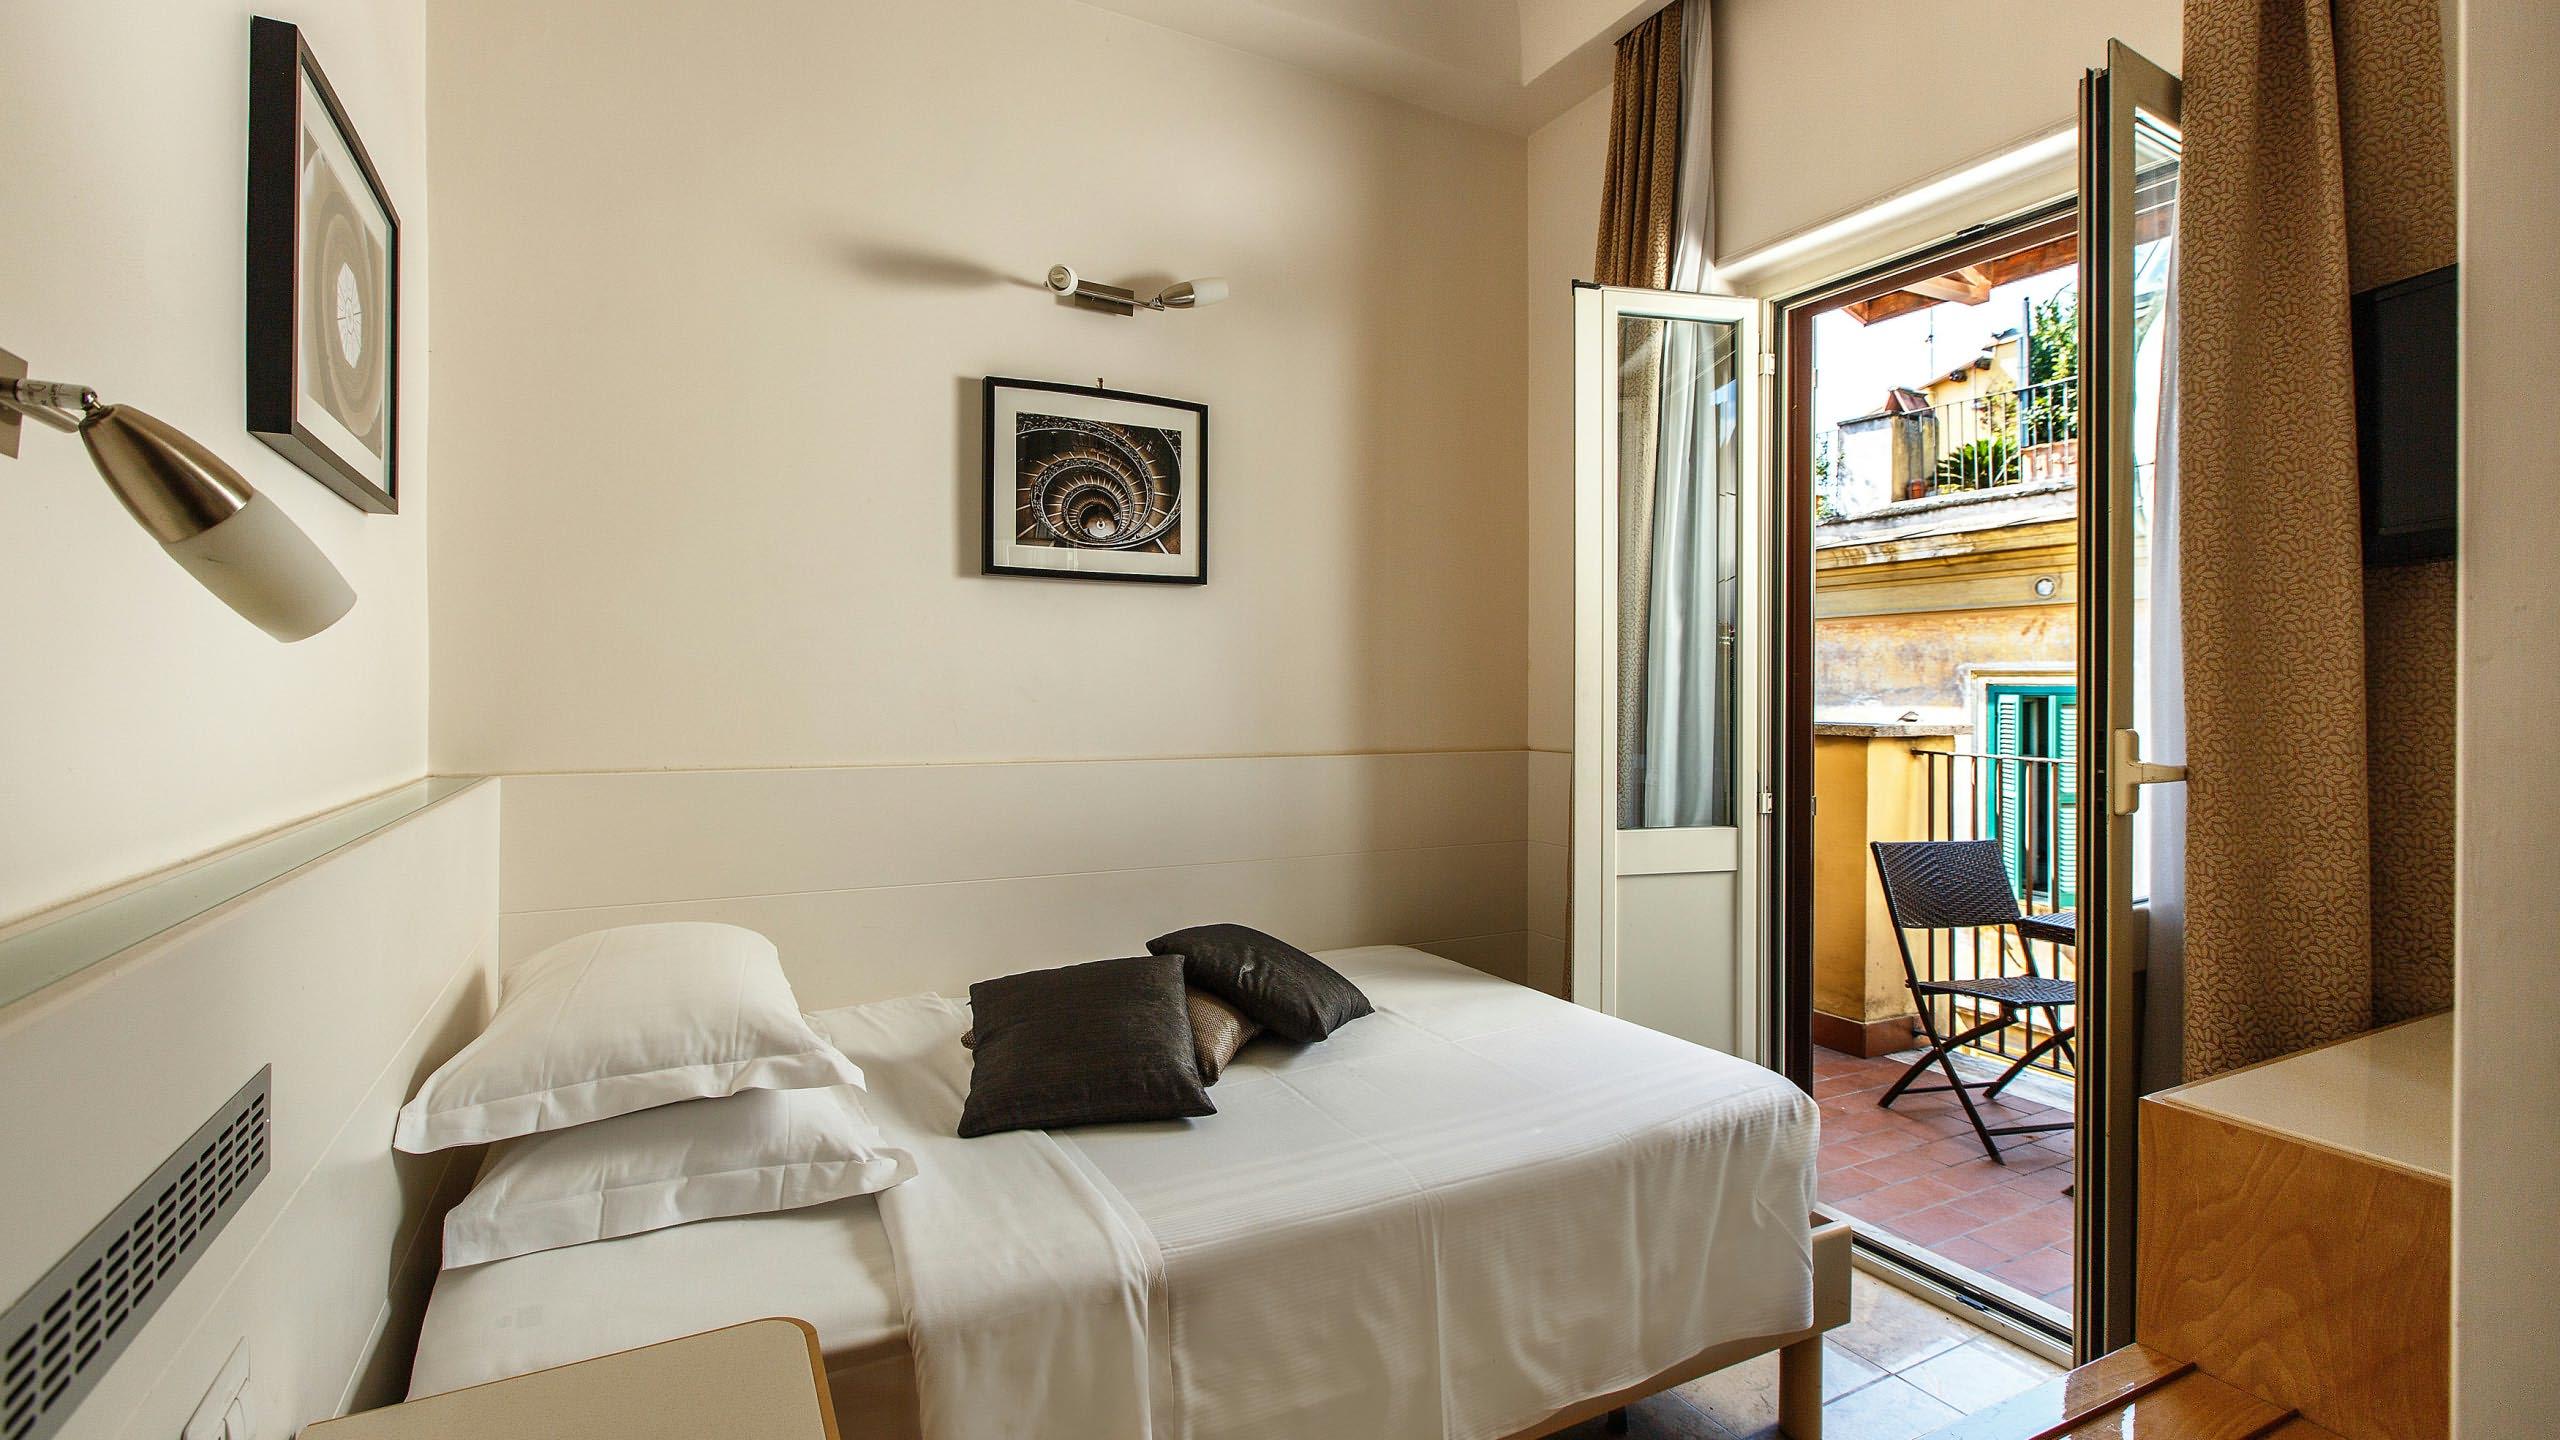 hotel-smeraldo-rome-home-2